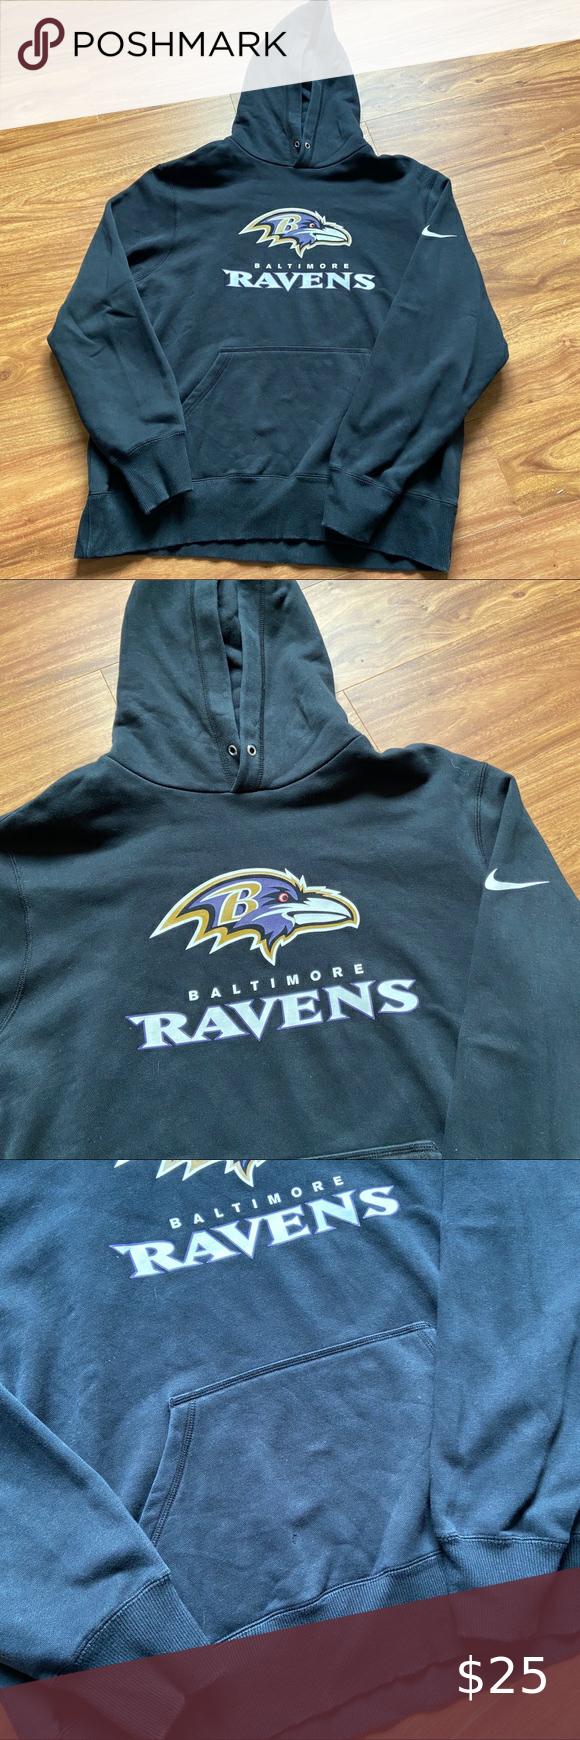 Predownload: Black Baltimore Ravens Nike Hoodie Black Baltimore Ravens Nike Hoodie Excellent Condition Small Hole And Missing Hoodie Nike Hoodie Sweatshirt Shirt Hoodies [ 1740 x 580 Pixel ]